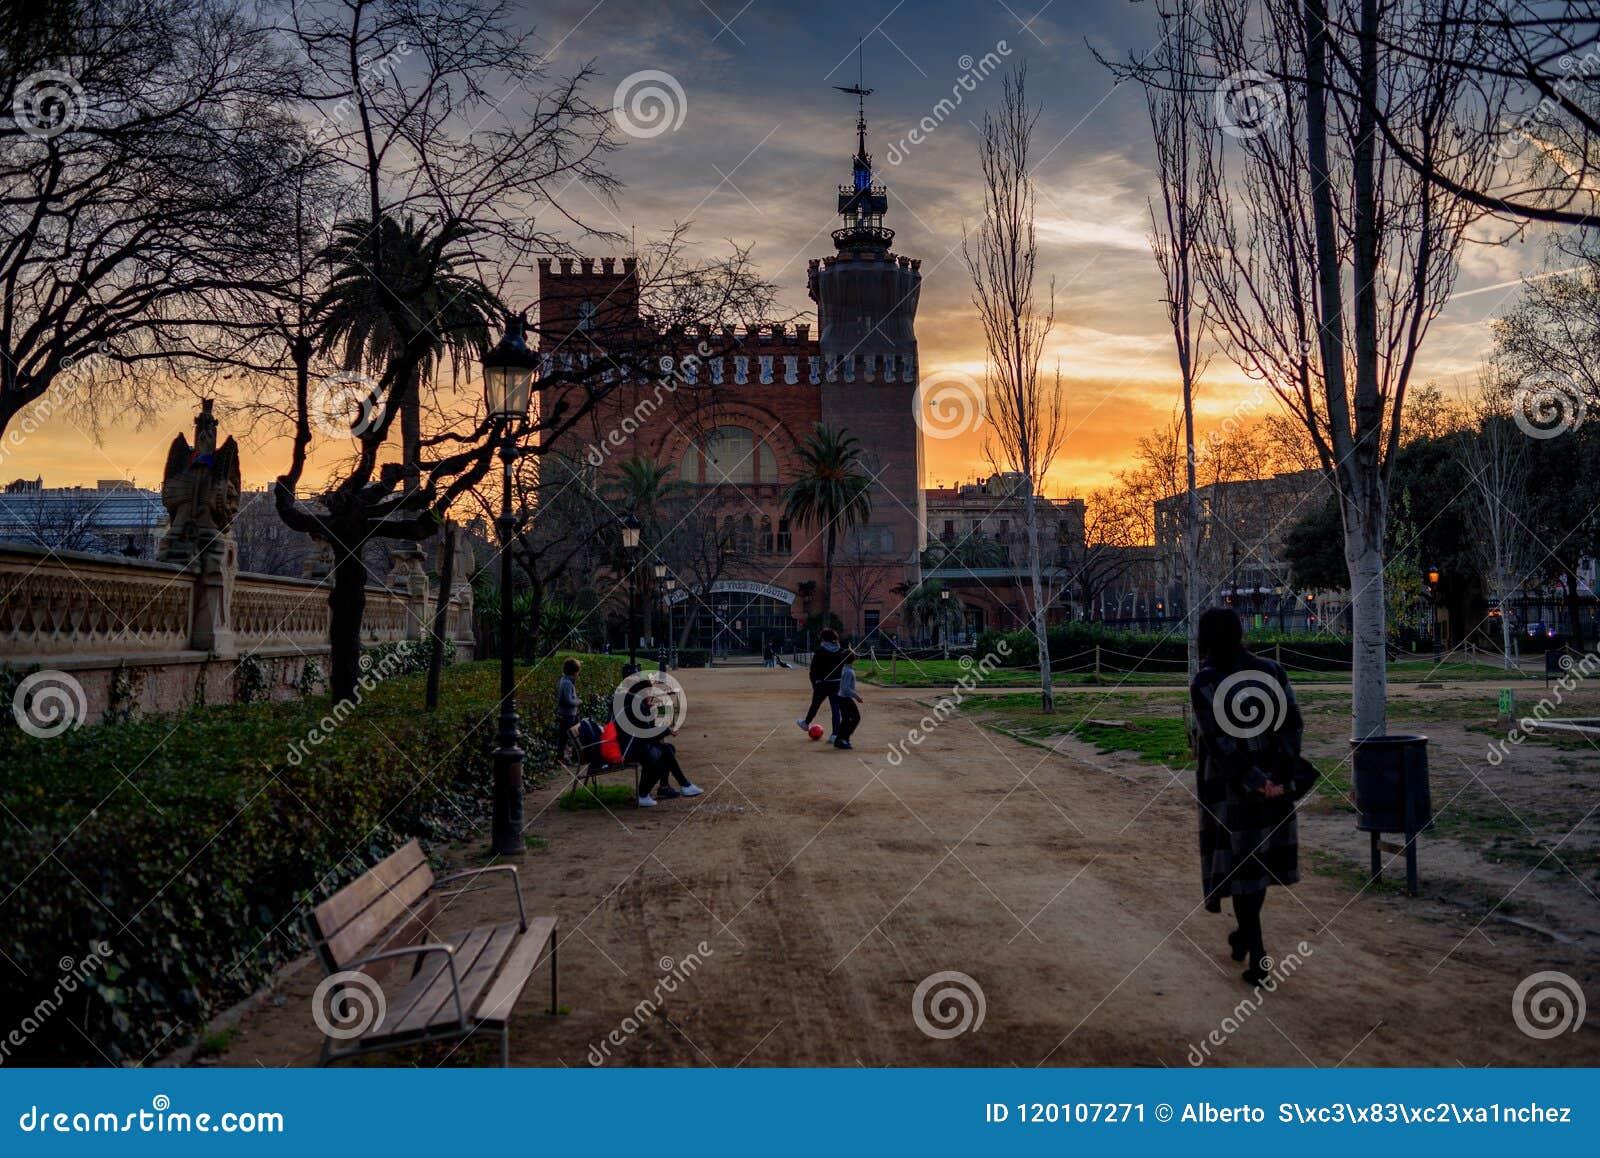 Un paseo en el parque Barcelona